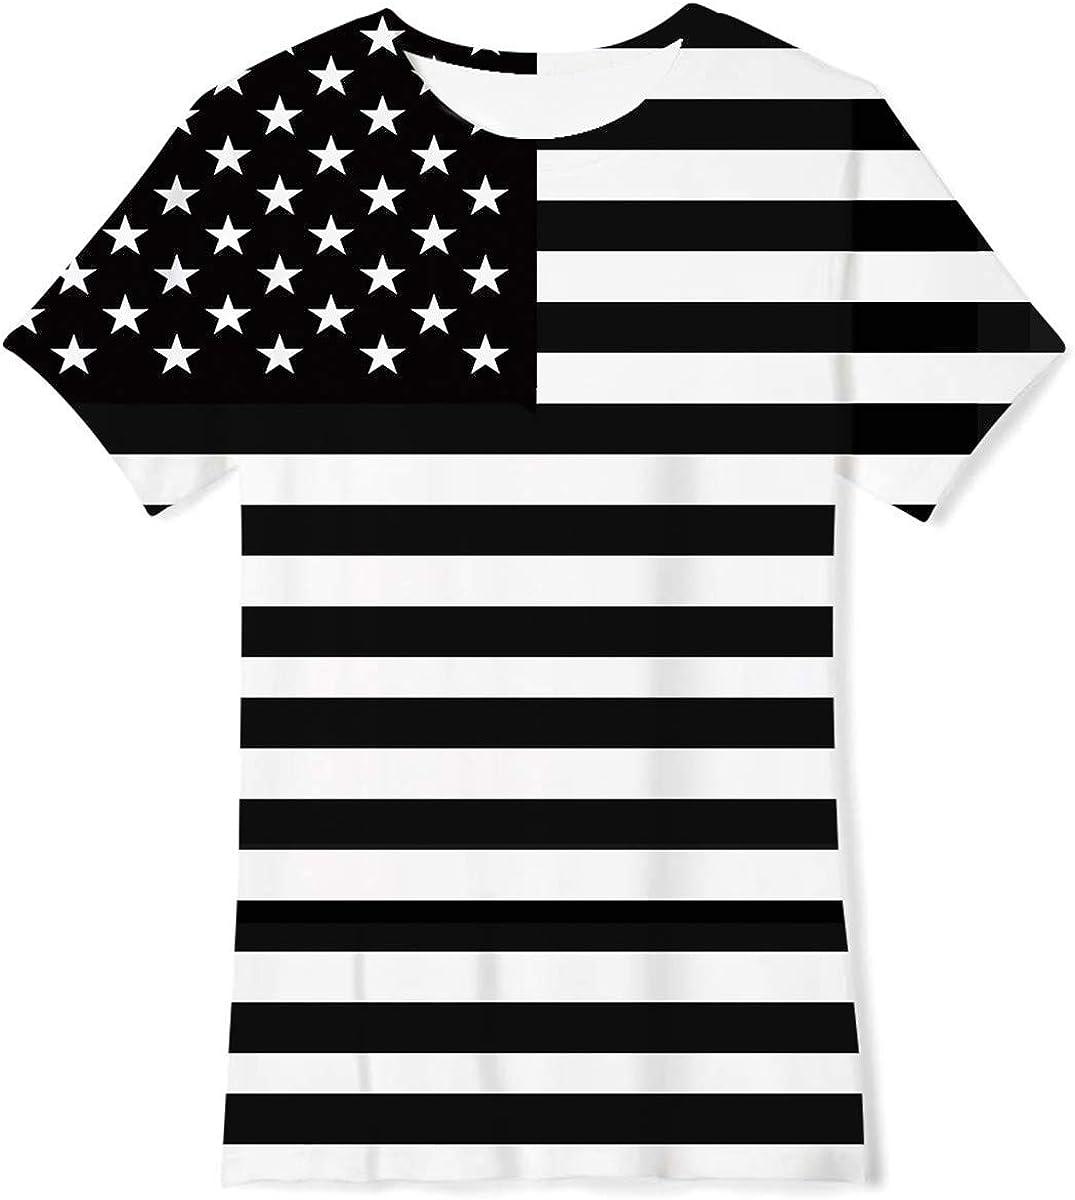 Kids T-Shirt Tops Shark Week Unisex Youths Short Sleeve T-Shirt